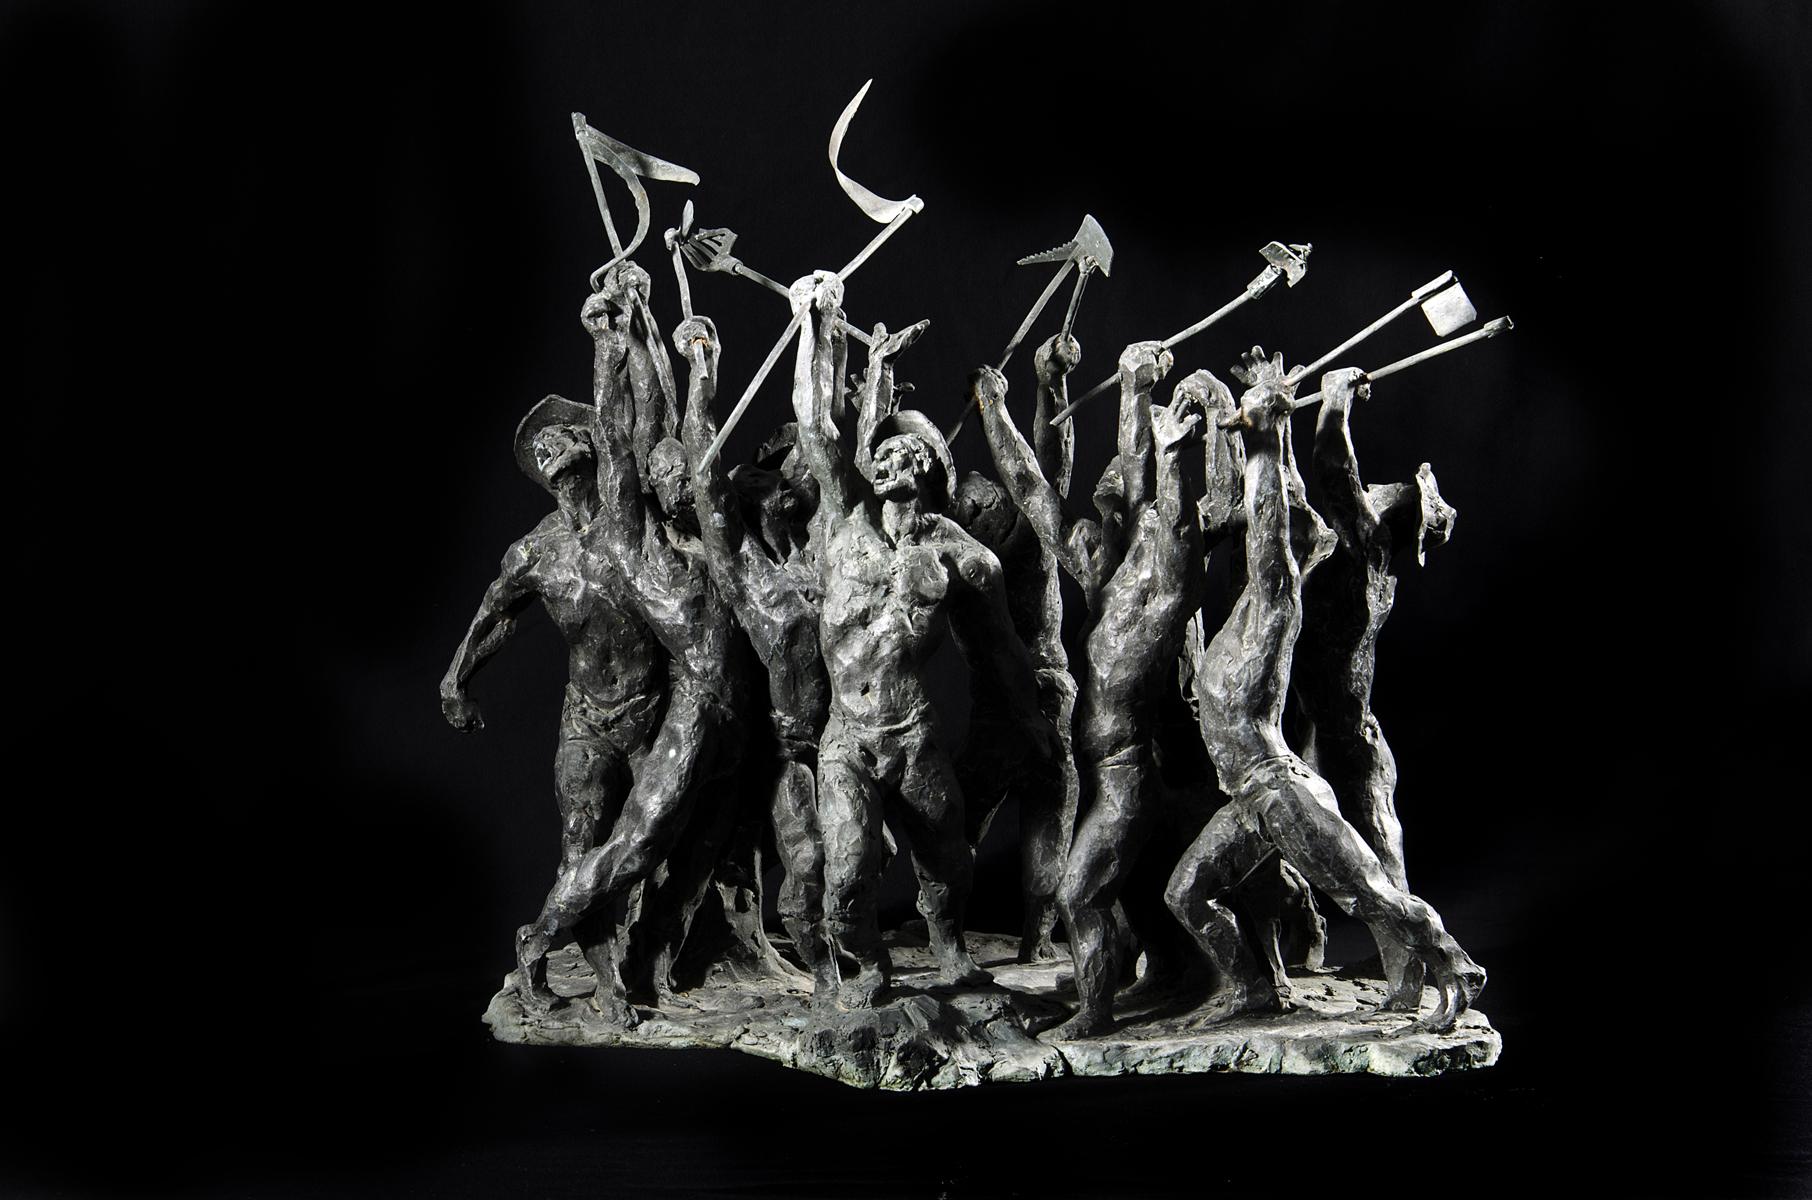 Els agermanats (1991), escultura en bronze de Jaume Mir